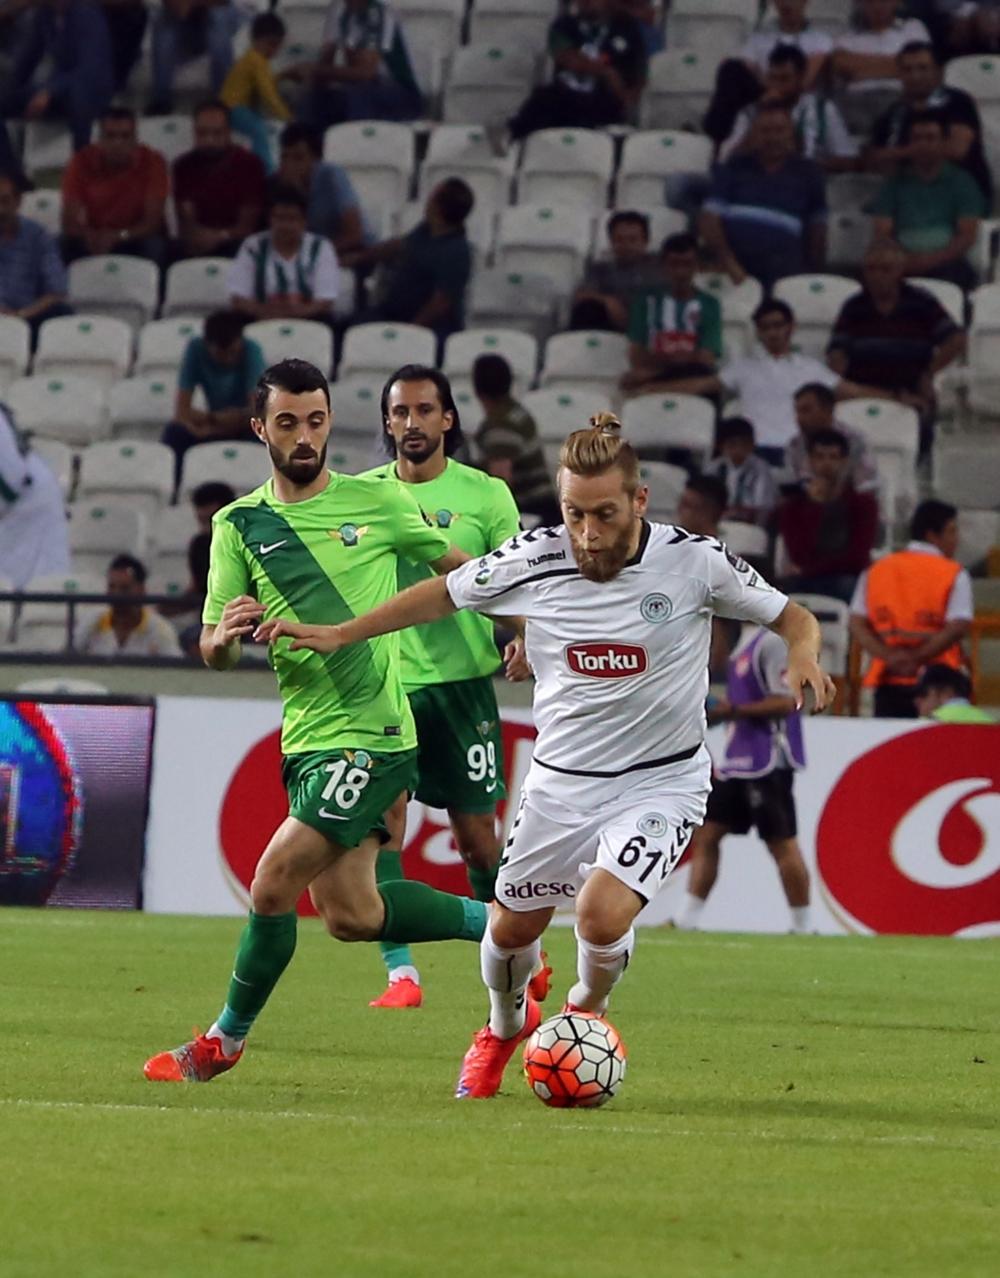 Torku Konyaspor-Akhisar Belediyespor: 1-1 13